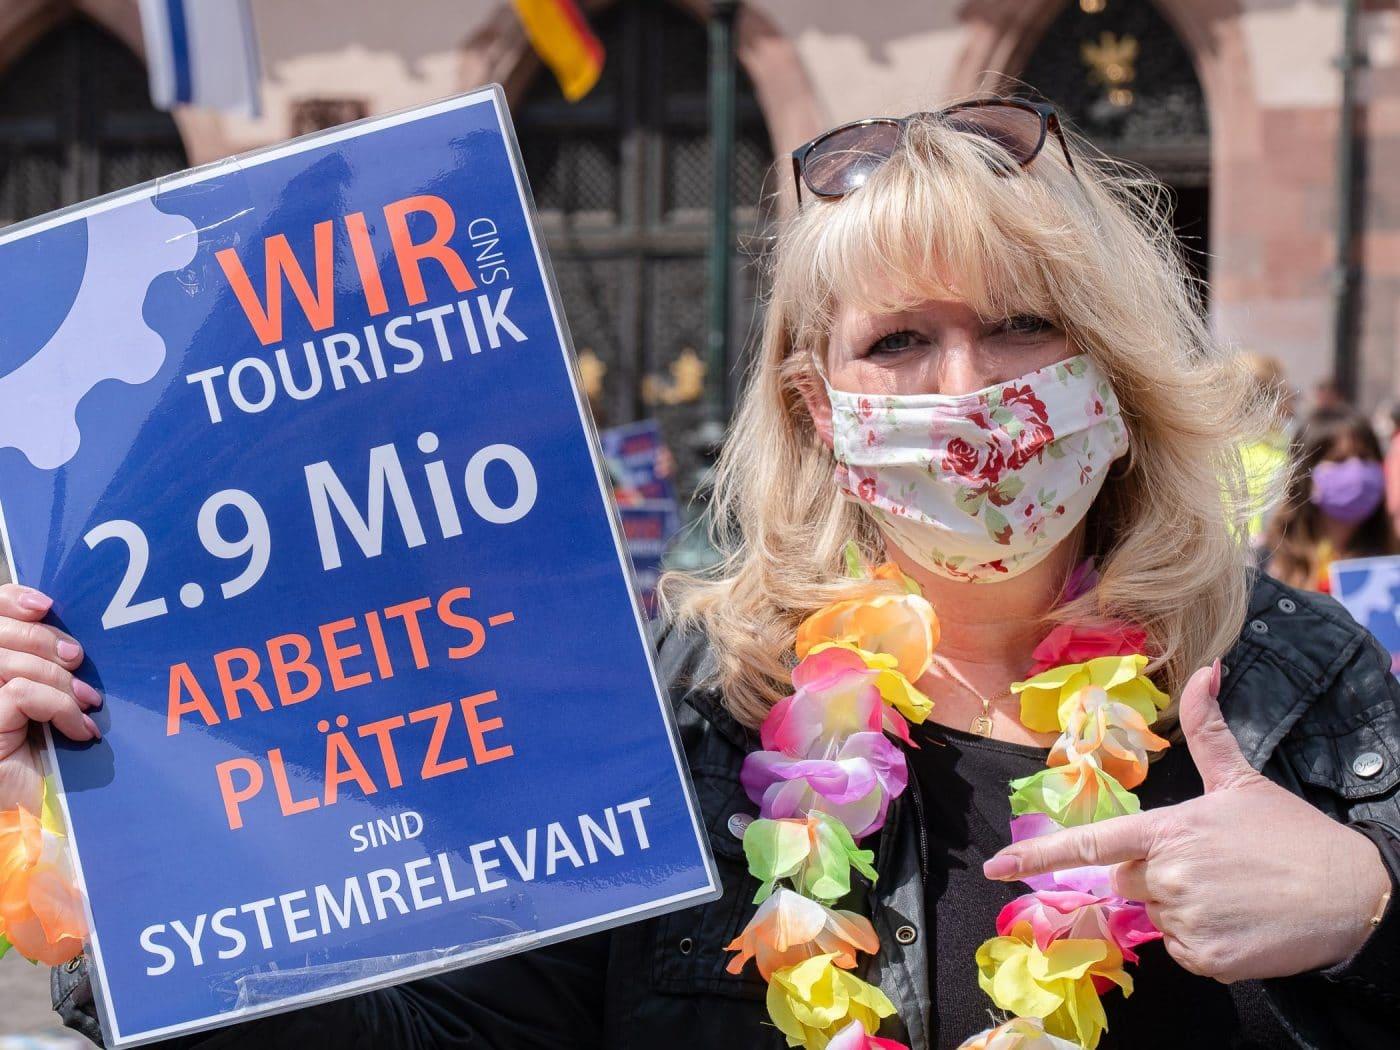 Pressefotos Touristik Braune 0007